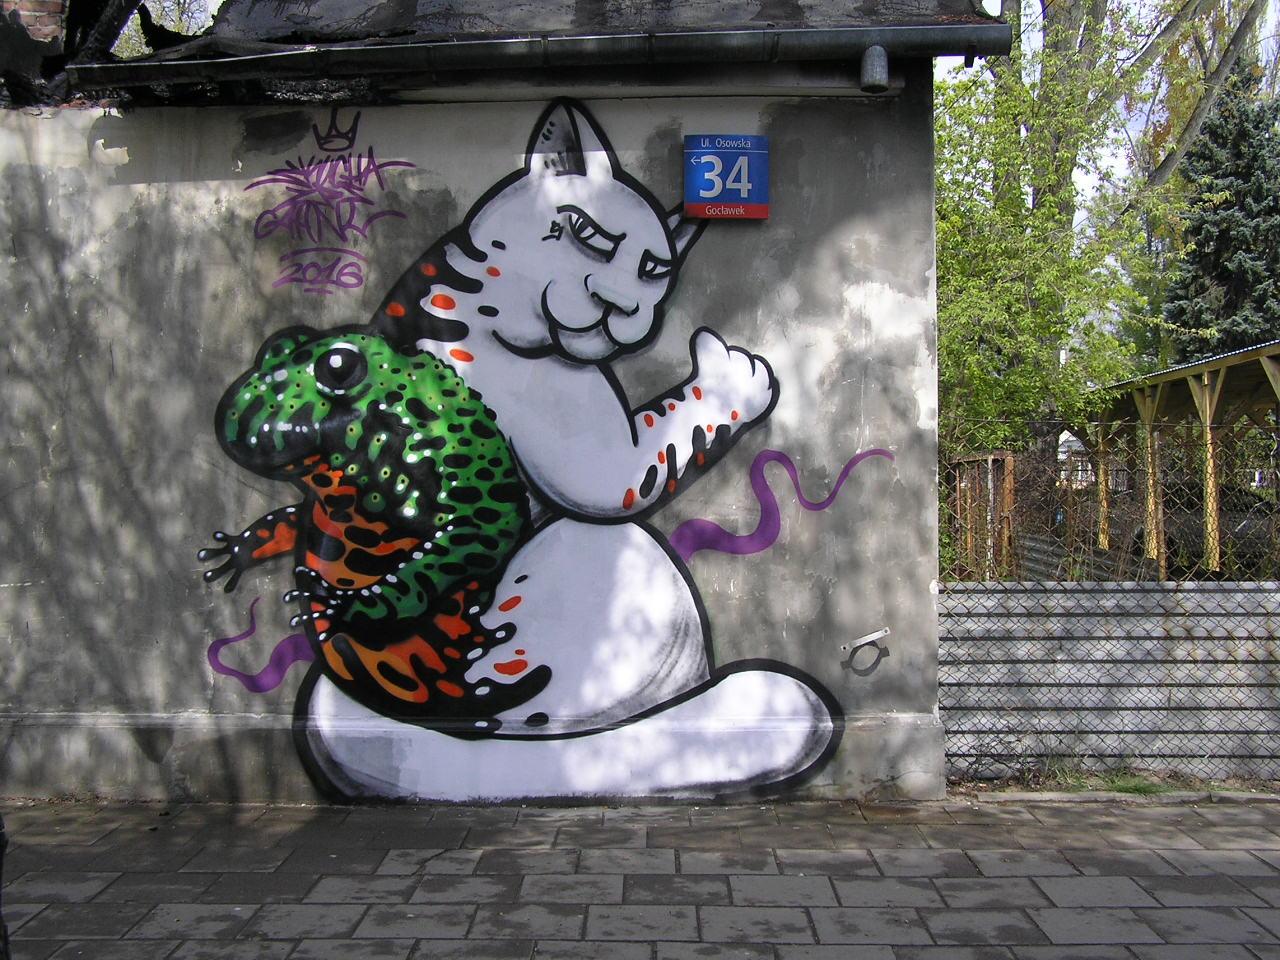 Mural - Osowska 34